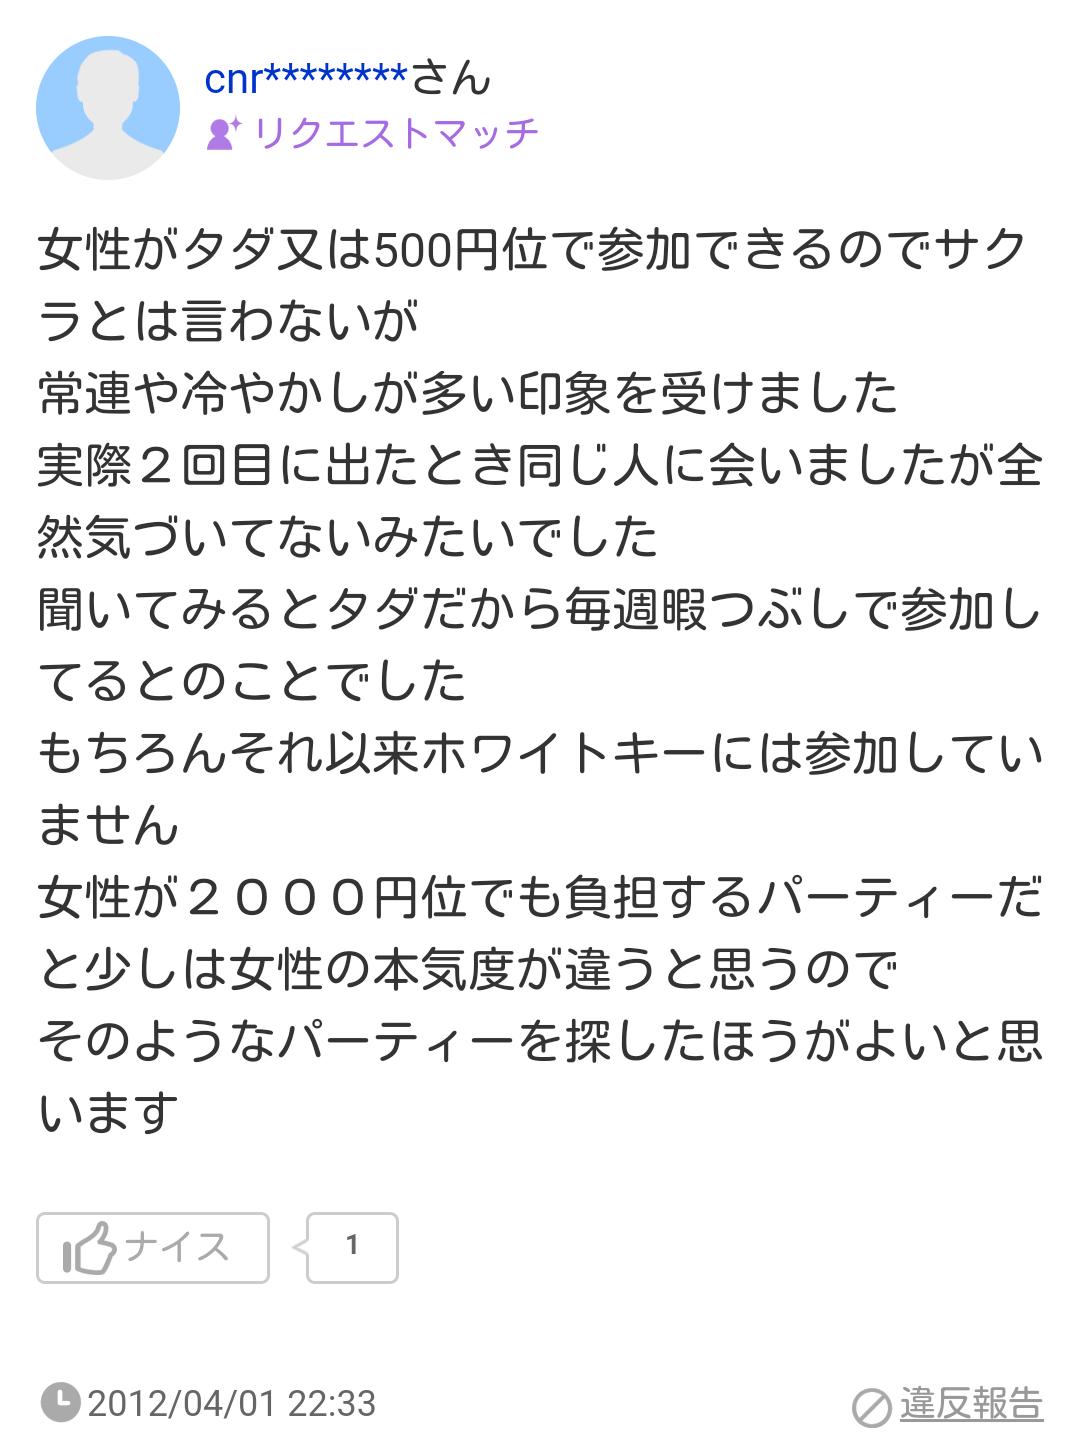 女性がタダ又は500円位で参加できるのでサクラとは言わないが常連や冷やかしが多い印象を受けました実際2回目に出たとき同じ人に会いましたが全然気づいてないみたいでした聞いてみるとタダだから毎週暇つぶしで参加してるとのことでしたもちろんそれ以来ホワイトキーには参加していません女性が2000円位でも負担するパーティーだと少しは女性の本気度が違うと思うのでそのようなパーティーを探したほうがよいと思います